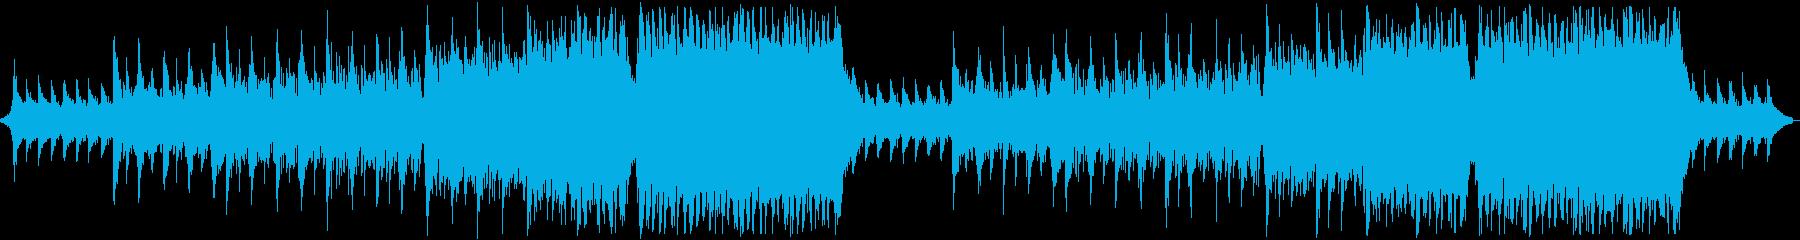 ポジティブポップオーケストラx2回の再生済みの波形